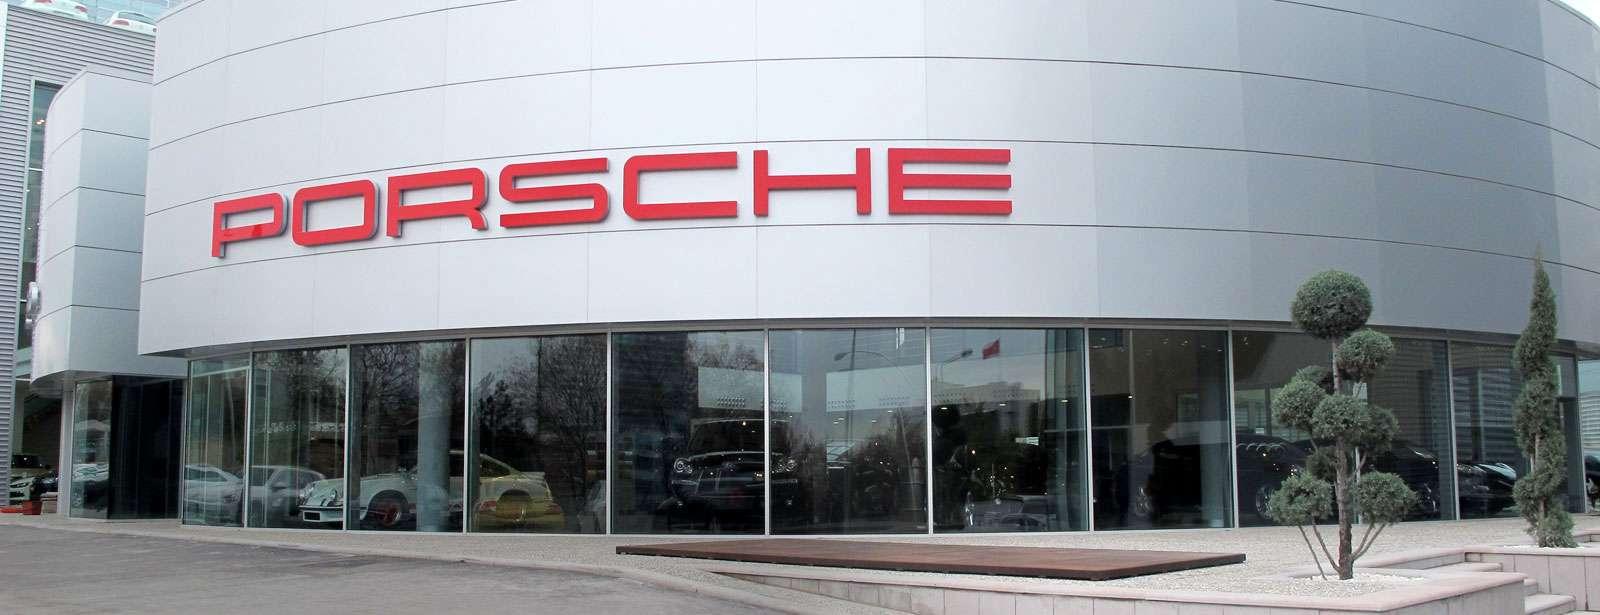 Porsche - Doğuş Oto Çankaya Porsche